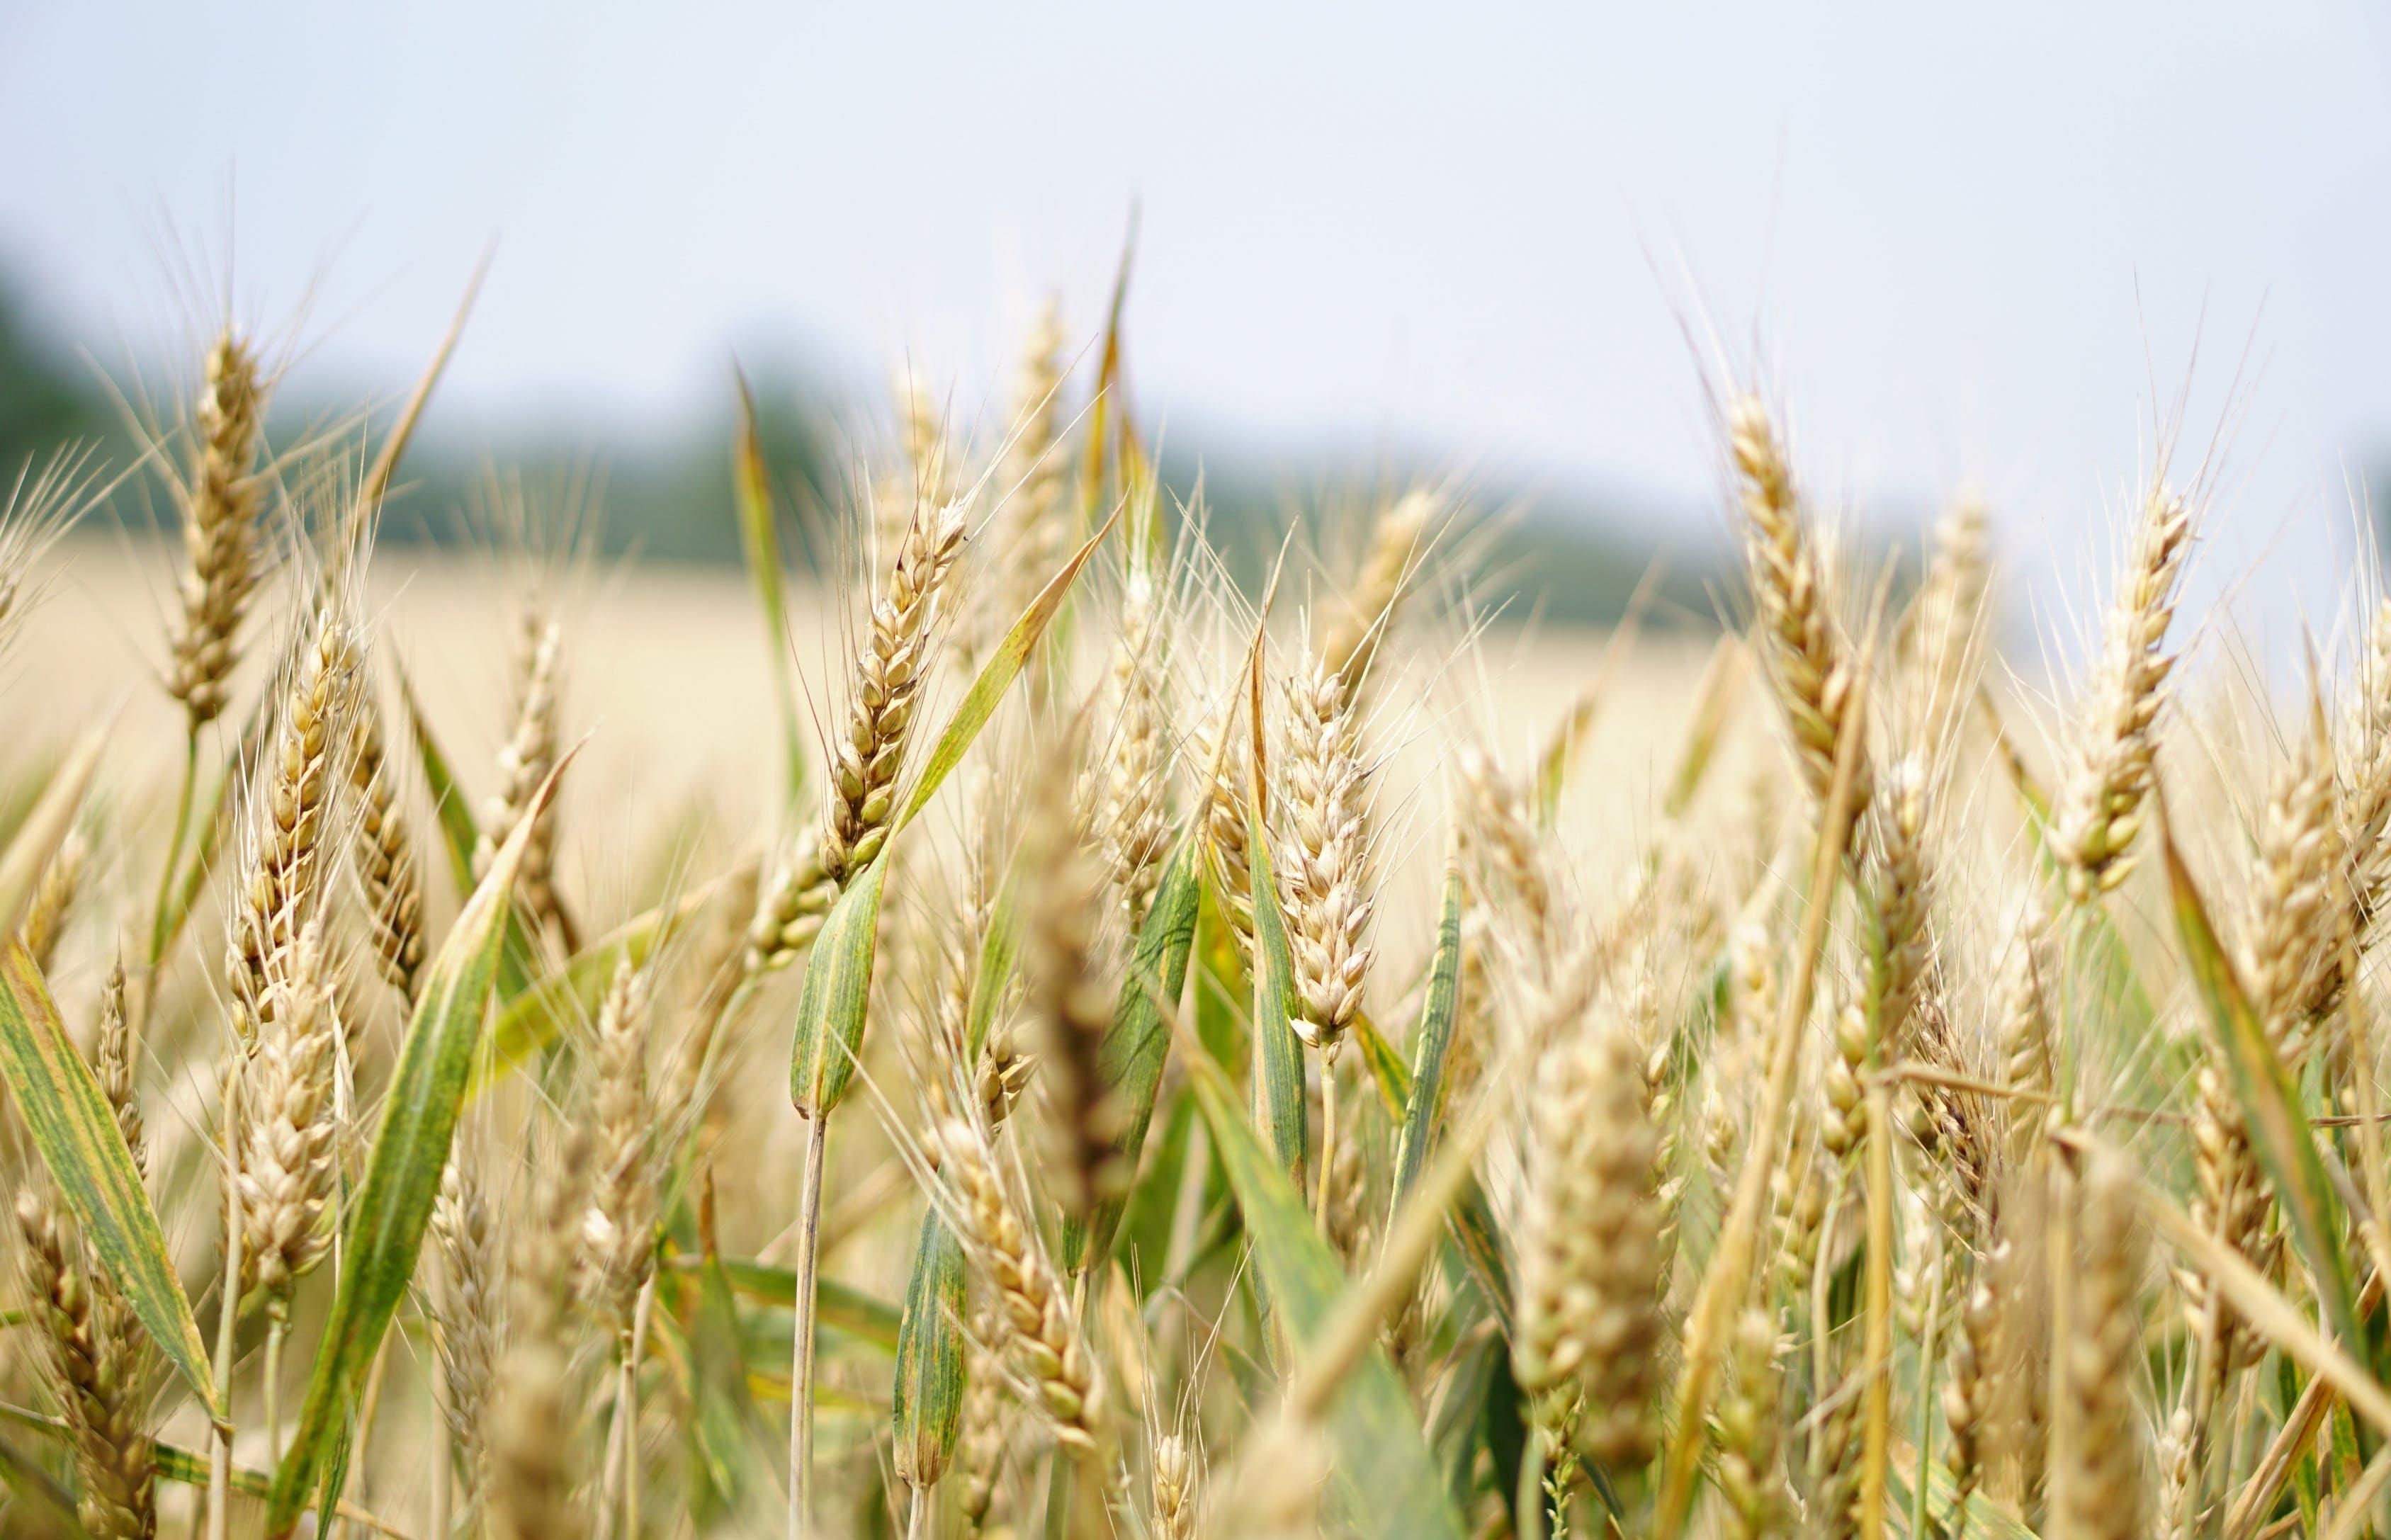 Хозяйствующим субъектам, осуществляющим деятельность по выпуску в оборот, закупке зерна и продуктов его переработки, дали рекомендации - новости Афанасий